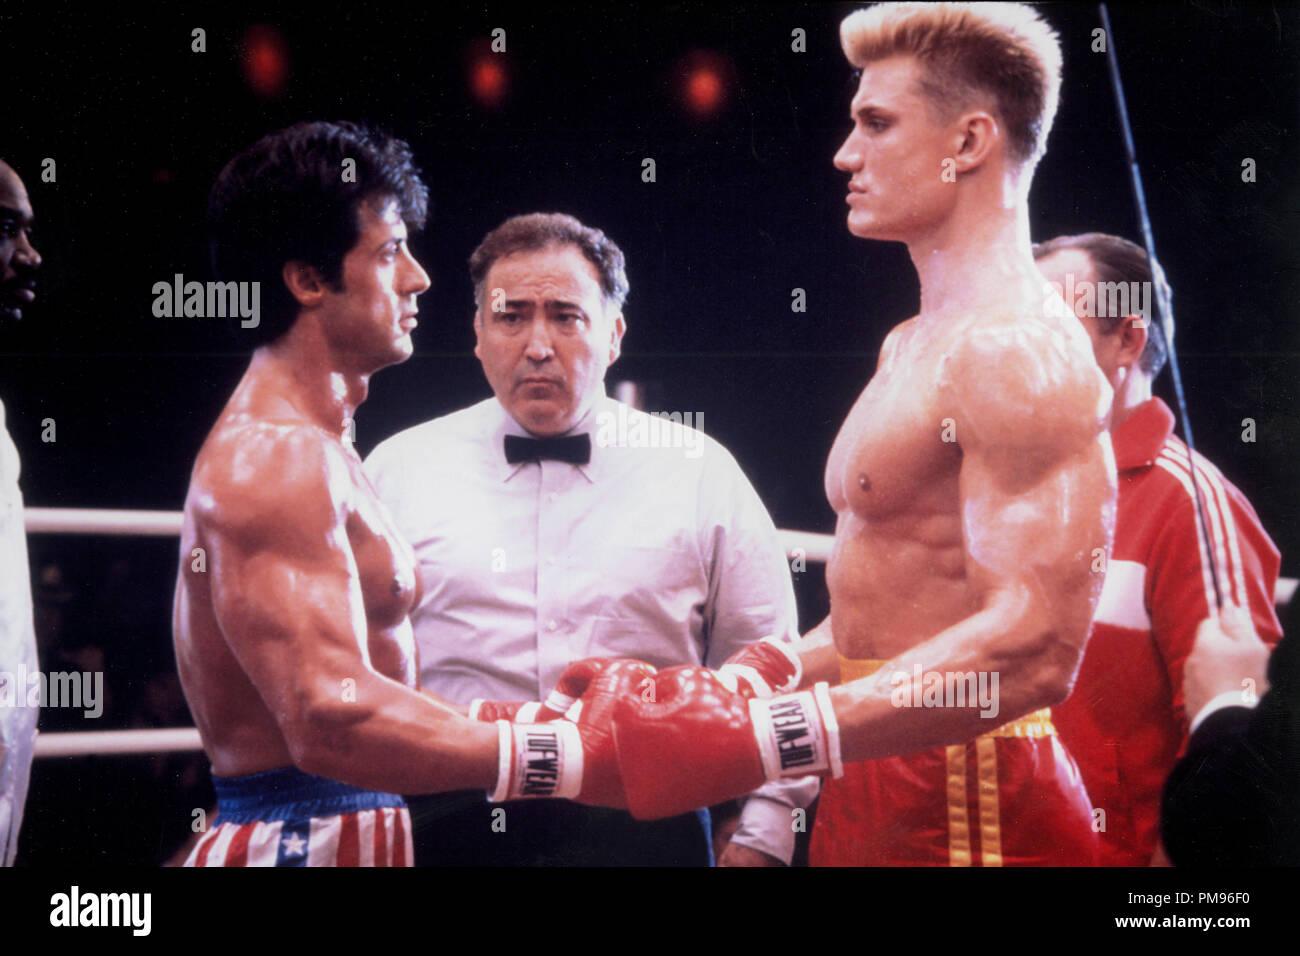 Studio publicidad todavía de 'Rocky IV' Sylvester Stallone, Dolph Lundgren © 1985 MGM/UA Todos Los Derechos Reservados Archivo de referencia # 31703100THA sólo para uso editorial Foto de stock